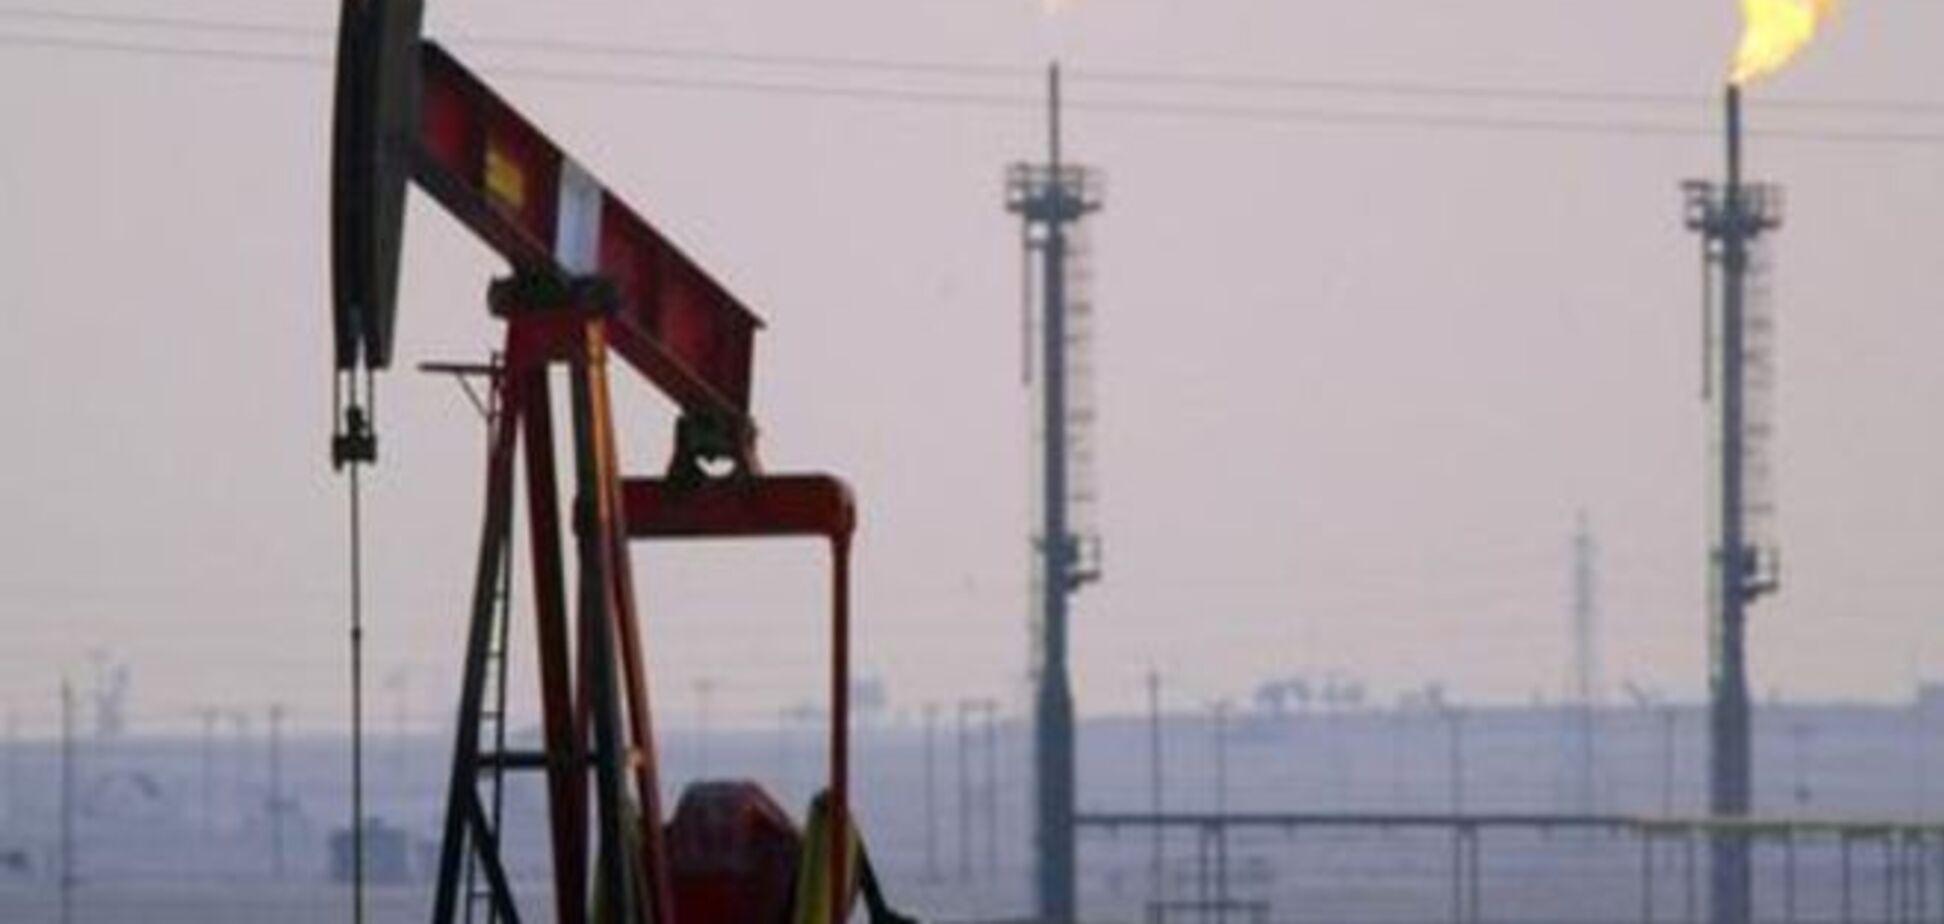 Ціни на нафту почали знижуватися після новин про угоду з Іраном